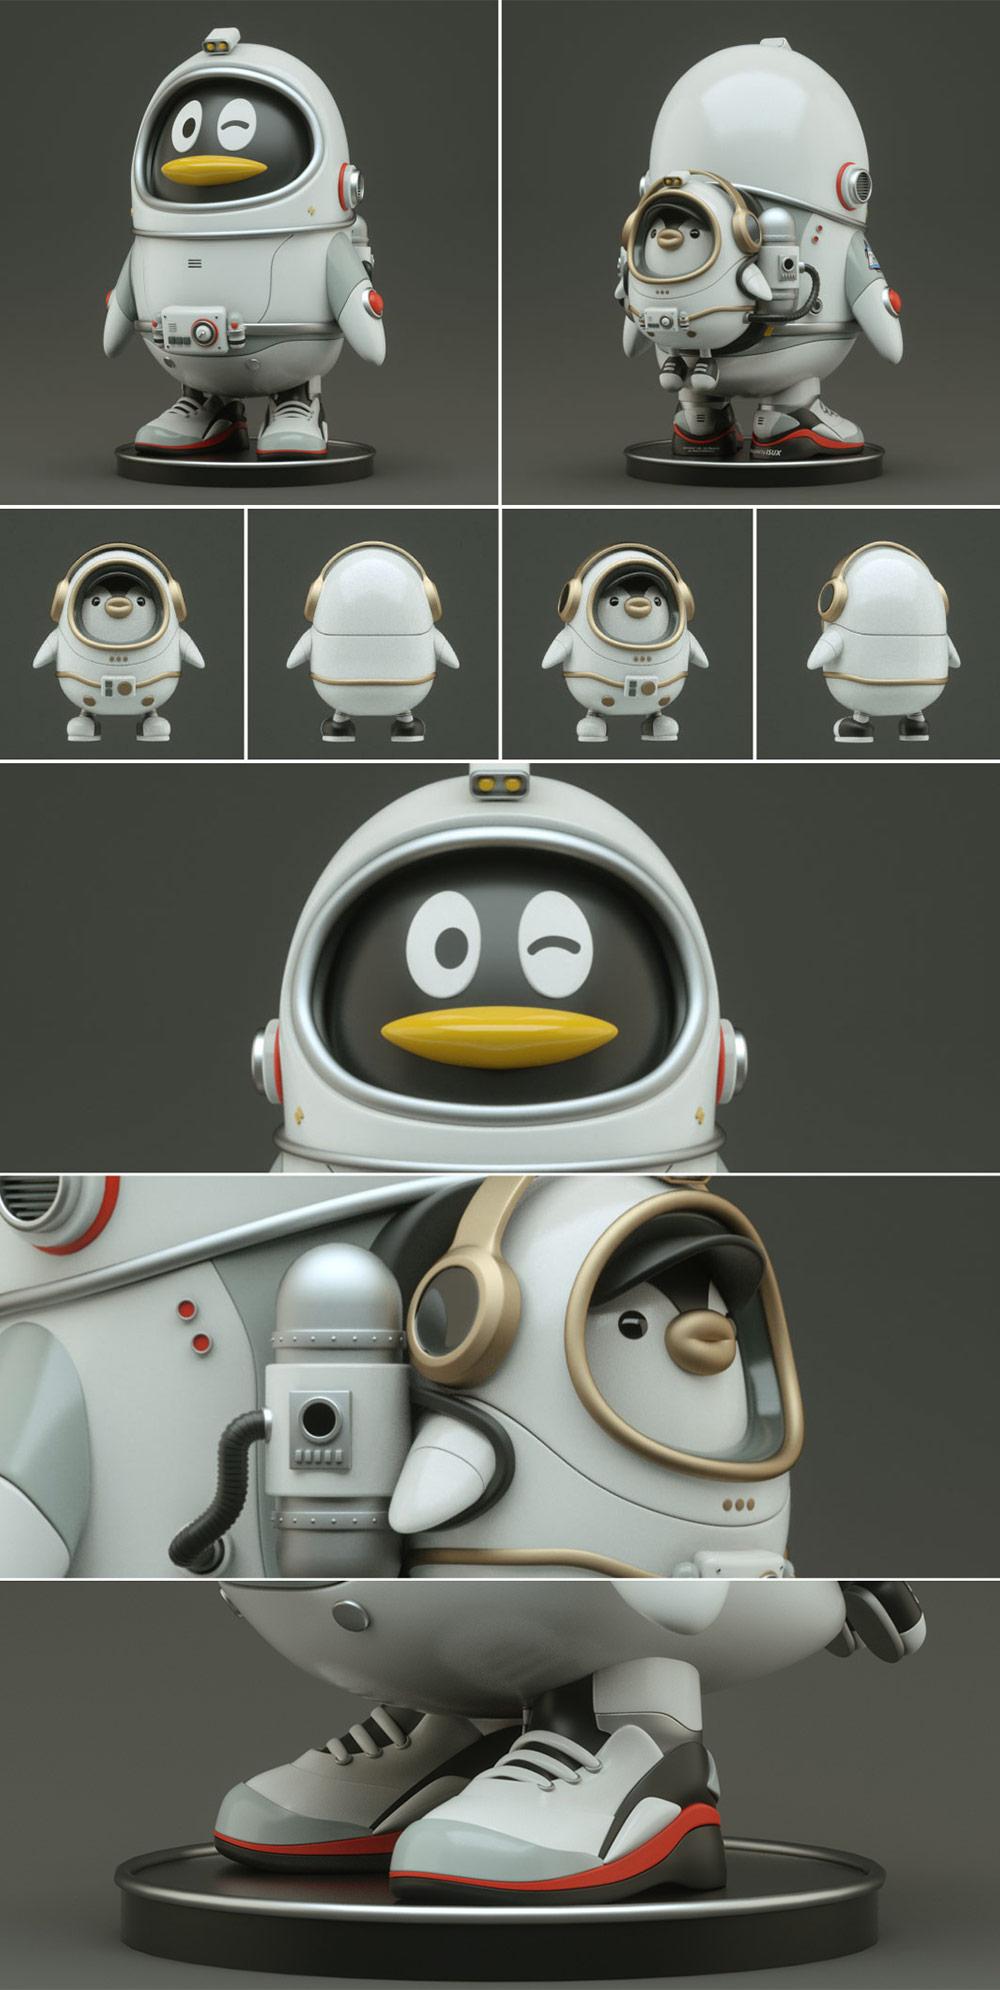 太空企鹅探索科技,腾讯QQ 20周年主题形象设计